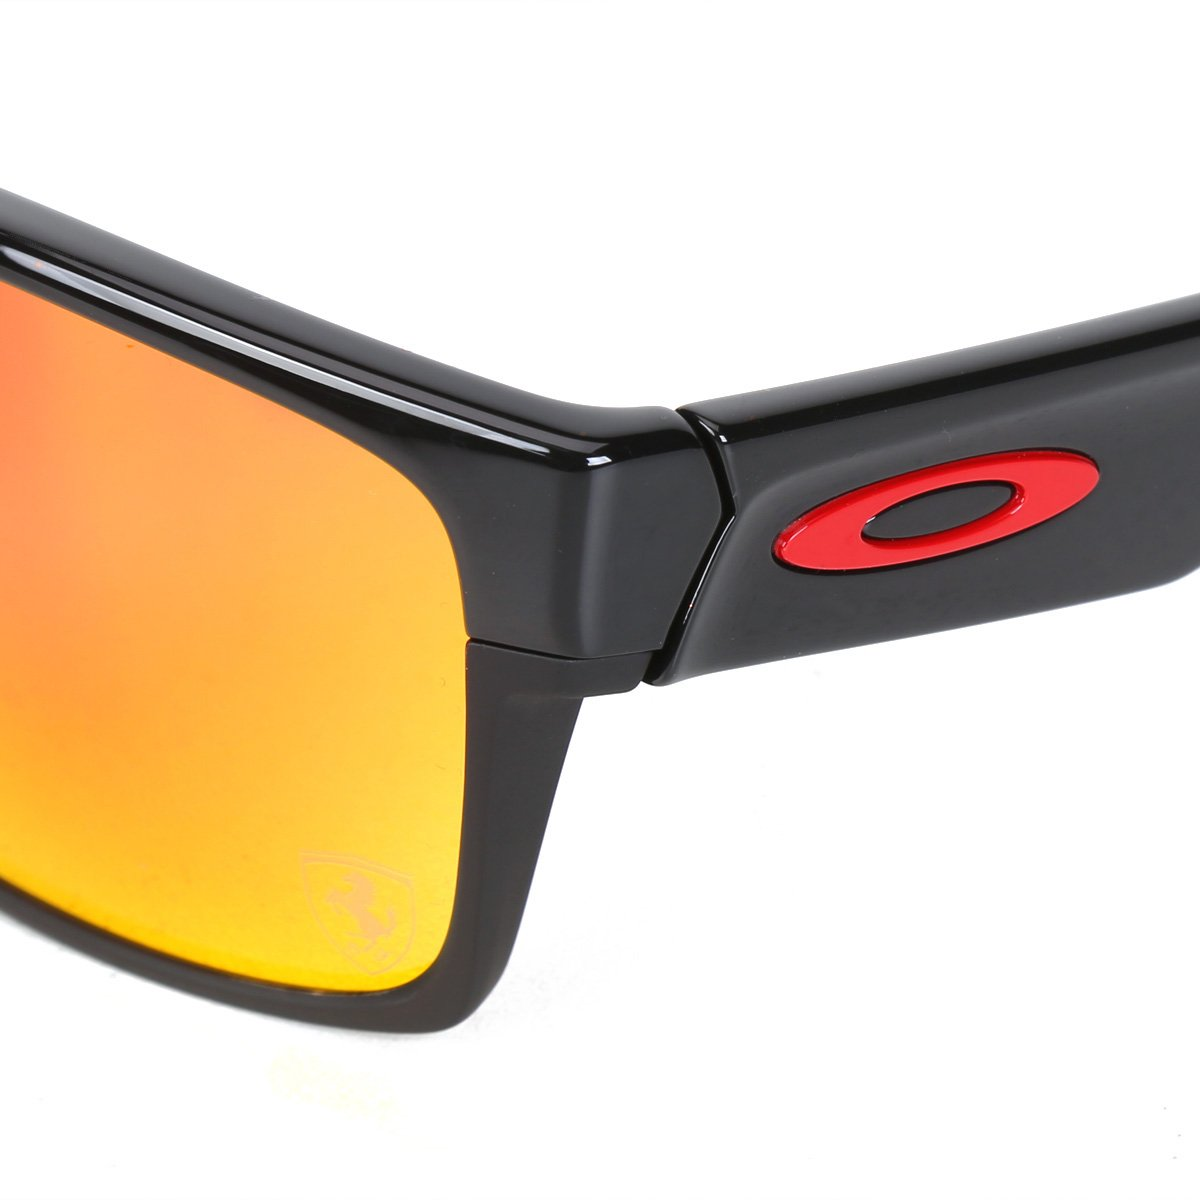 64ee1fe15 Óculos Oakley Ferrari TwoFace Polished Ruby Iridium | Livelo -Sua Vida com  Mais Recompensas